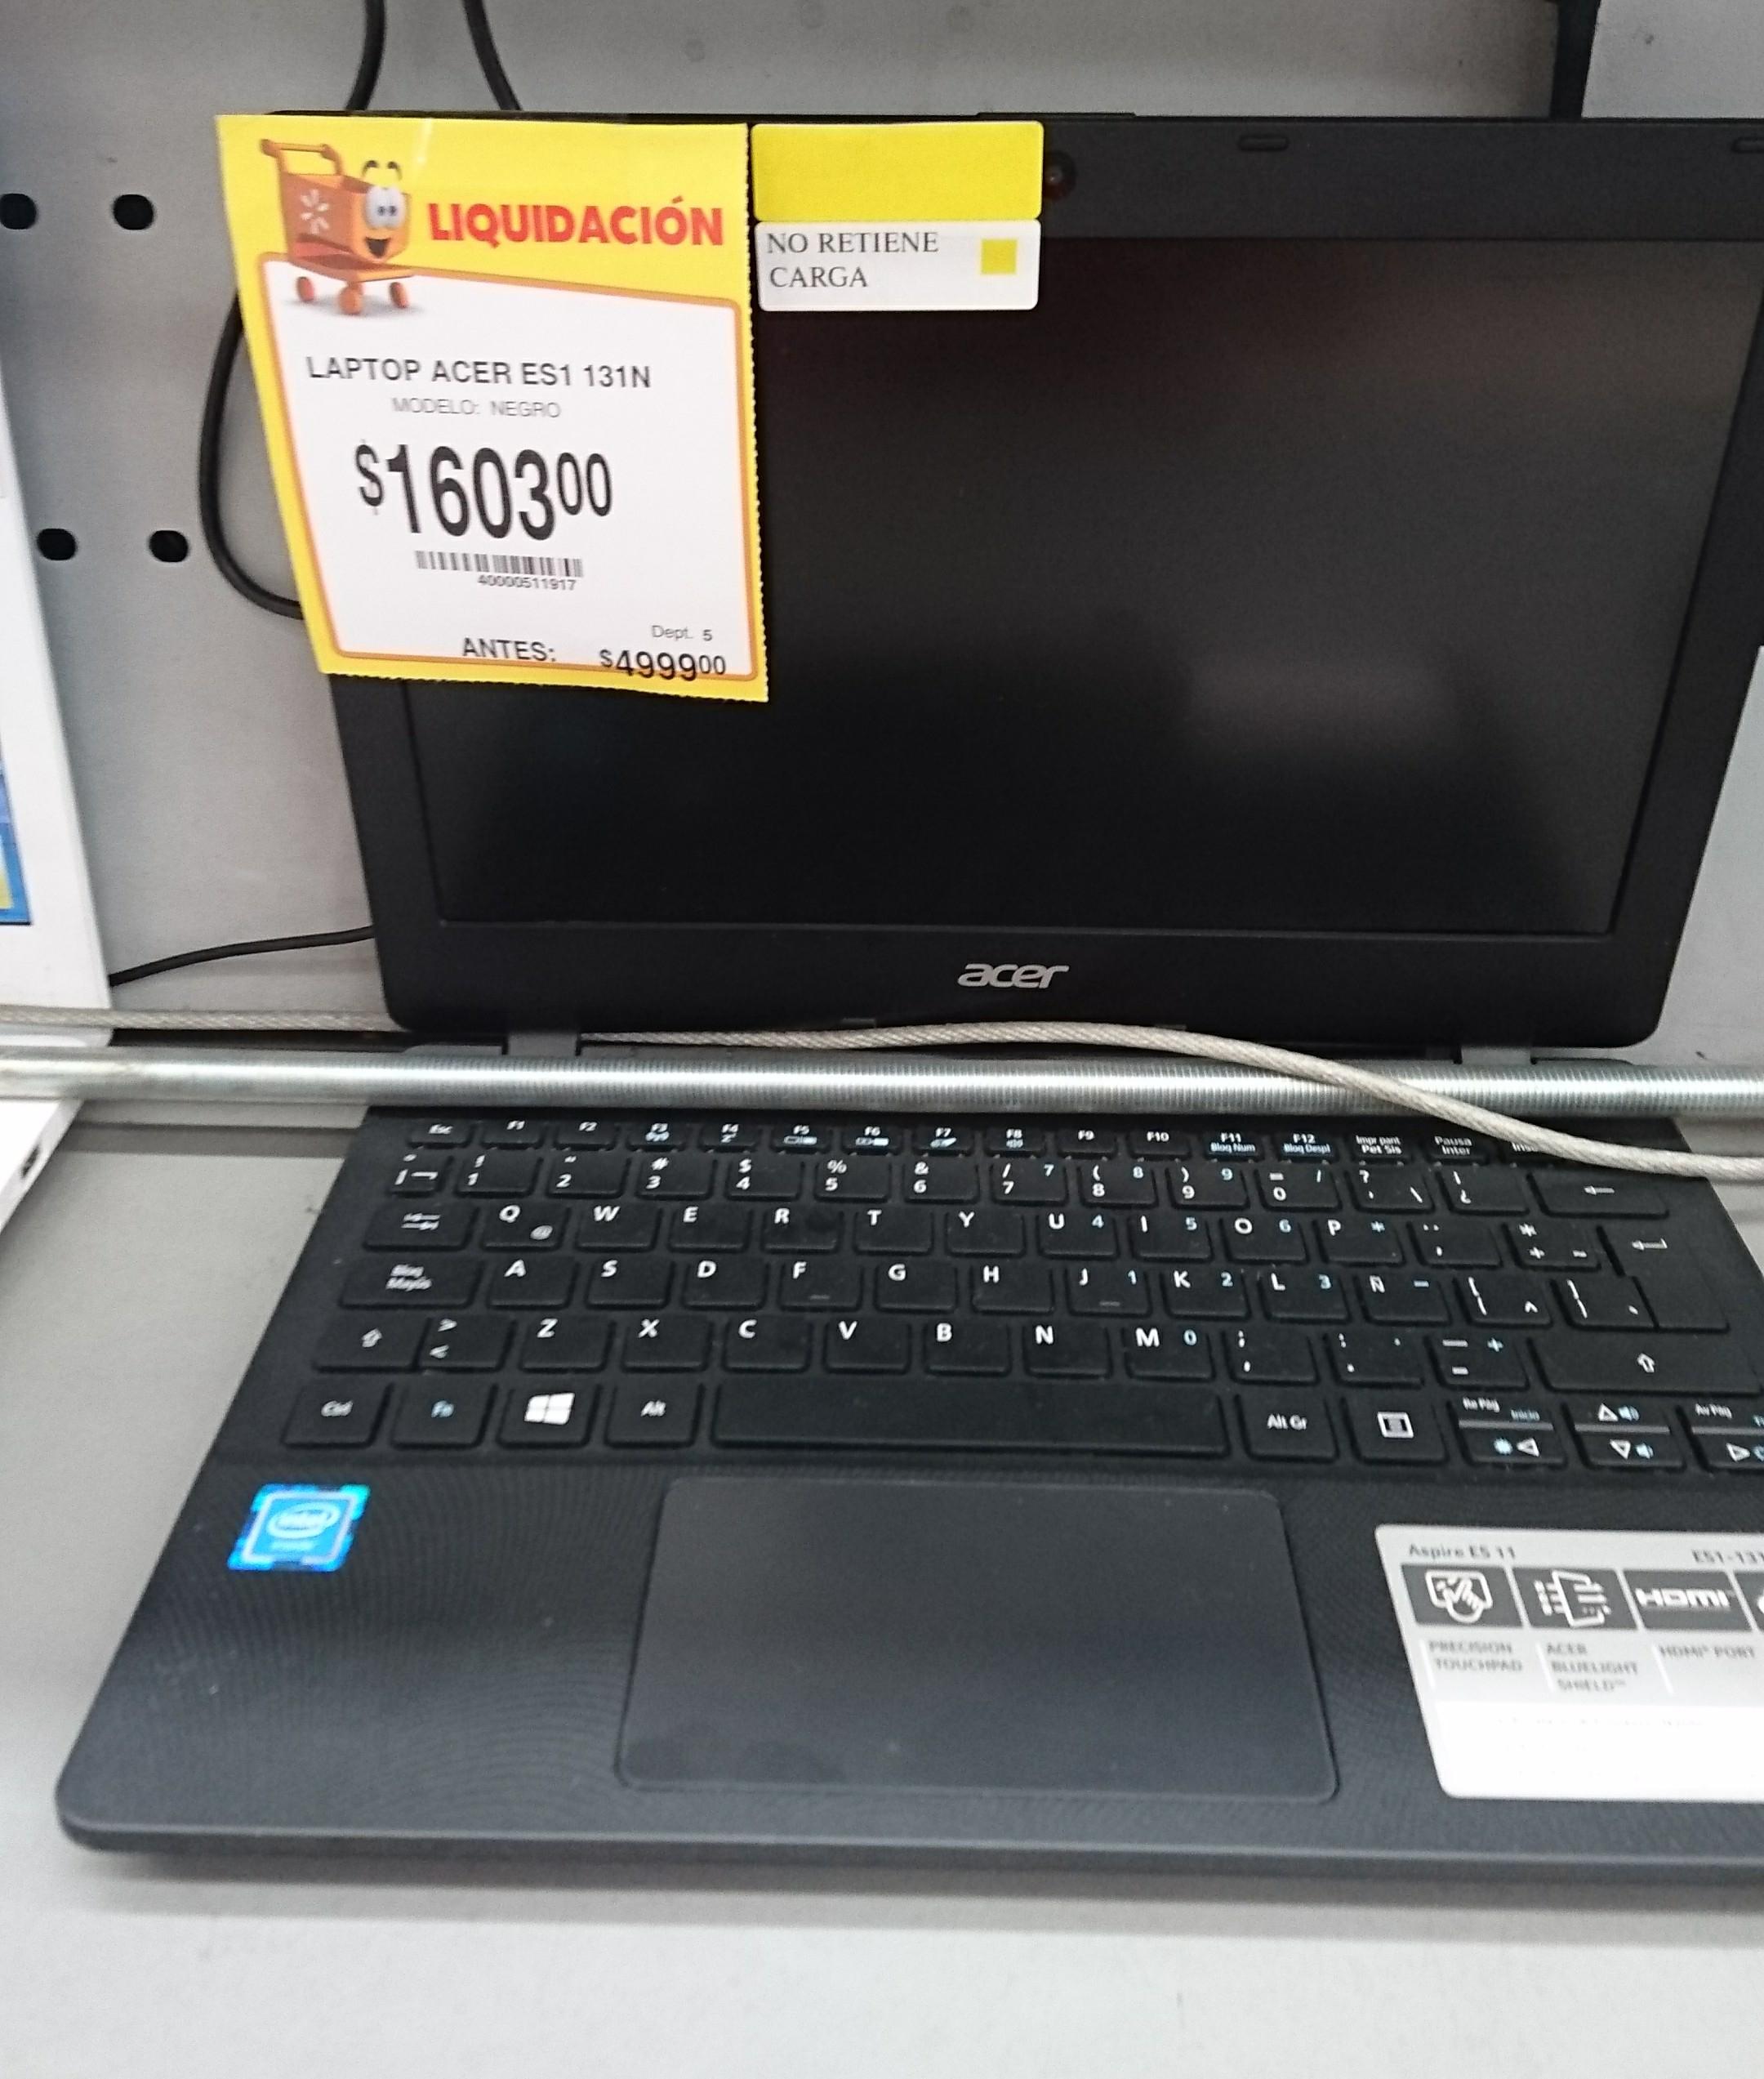 Walmart Las Animas Puebla: Laptop Acer Aspire ES1 131N a $1,603